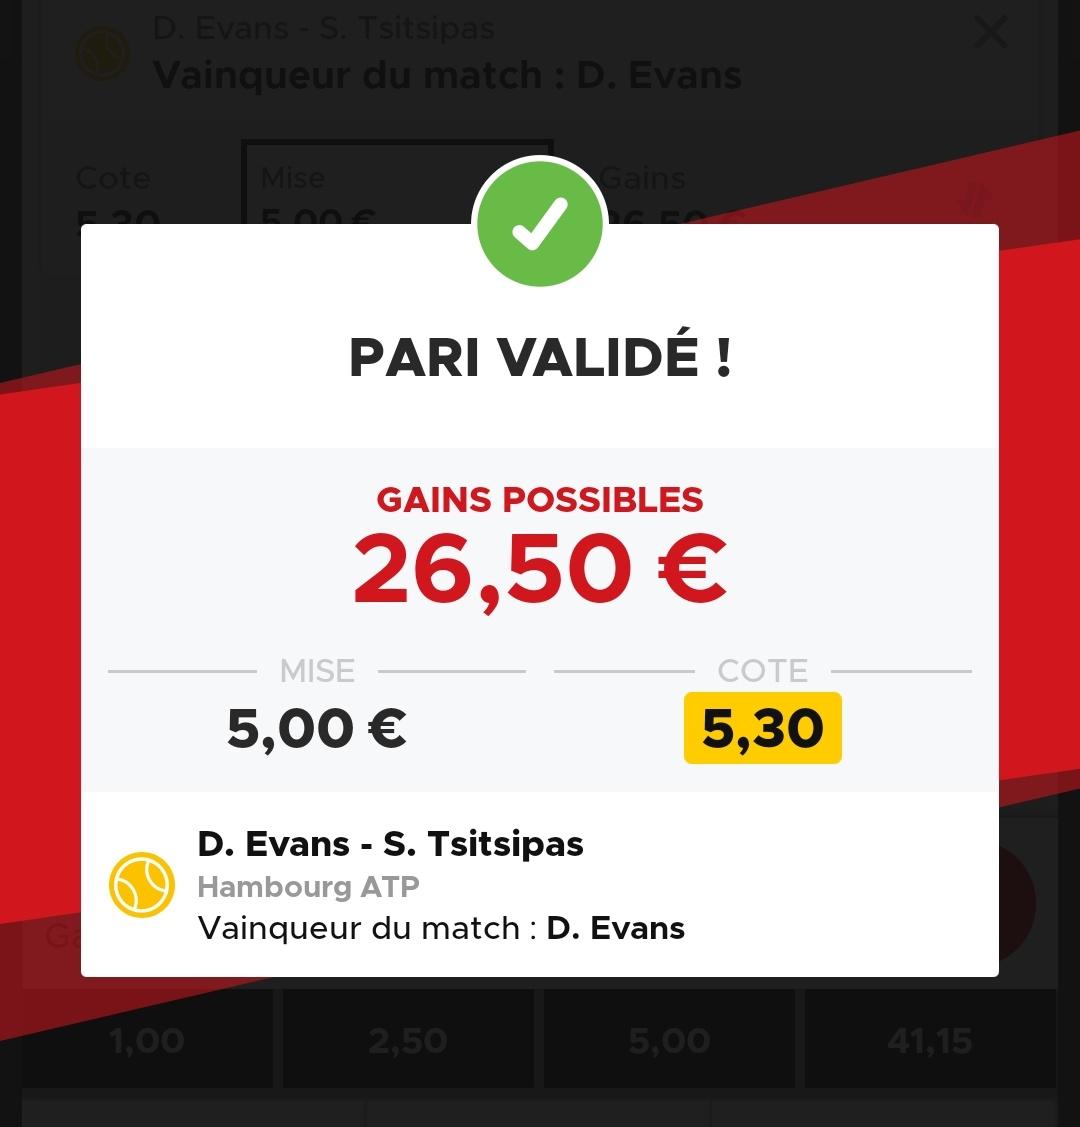 🚨 Prono express 📍 #Evans gagne face à #tsitsipas 💰5.30 💵Mise 1 unité La côte me semble haute vu la forme actuelle de Tsisi #Wojo #TeamParieur #tipster #ATPHamburg https://t.co/hB9ZkpTSEi